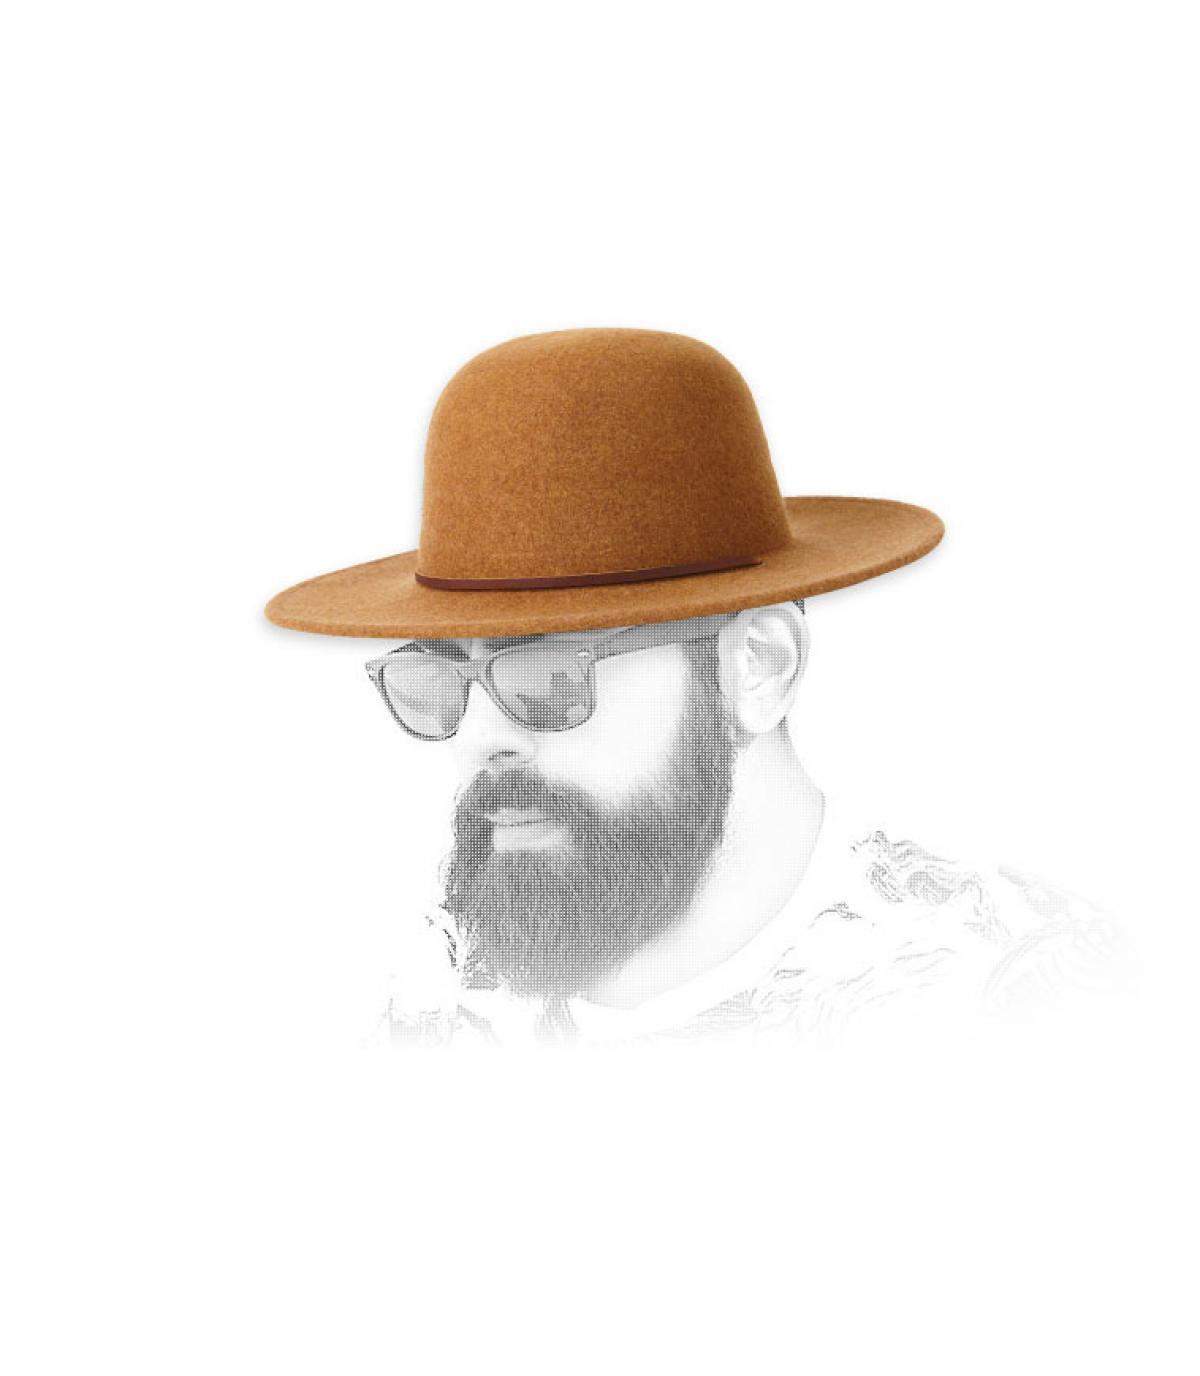 cappello di feltro beige Brixton